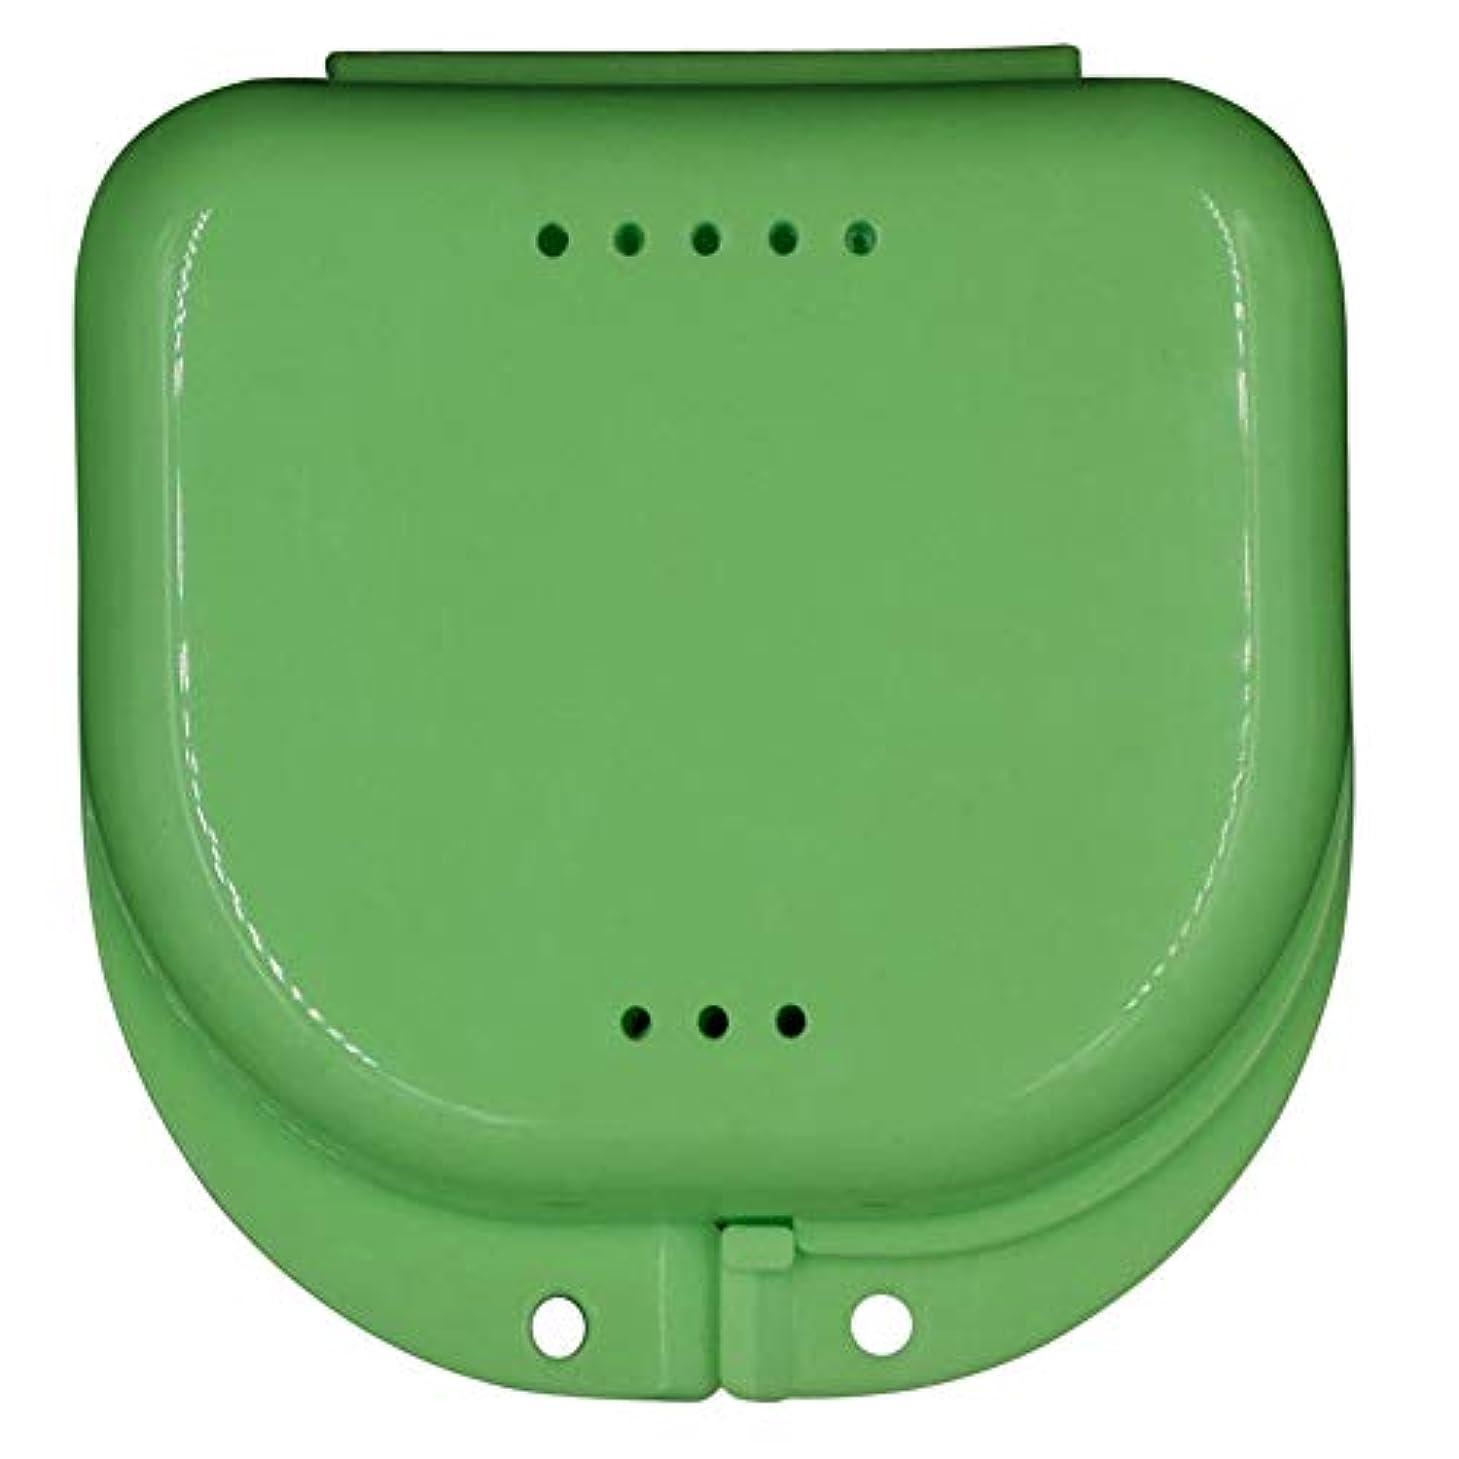 勧める連帯ステージDream 義歯ボックス 入れ歯ケース 義歯収納容器 入れ歯収納 義歯ケース 保管ケース 軽量 携帯便利 ストレーナー付き (グリーン)